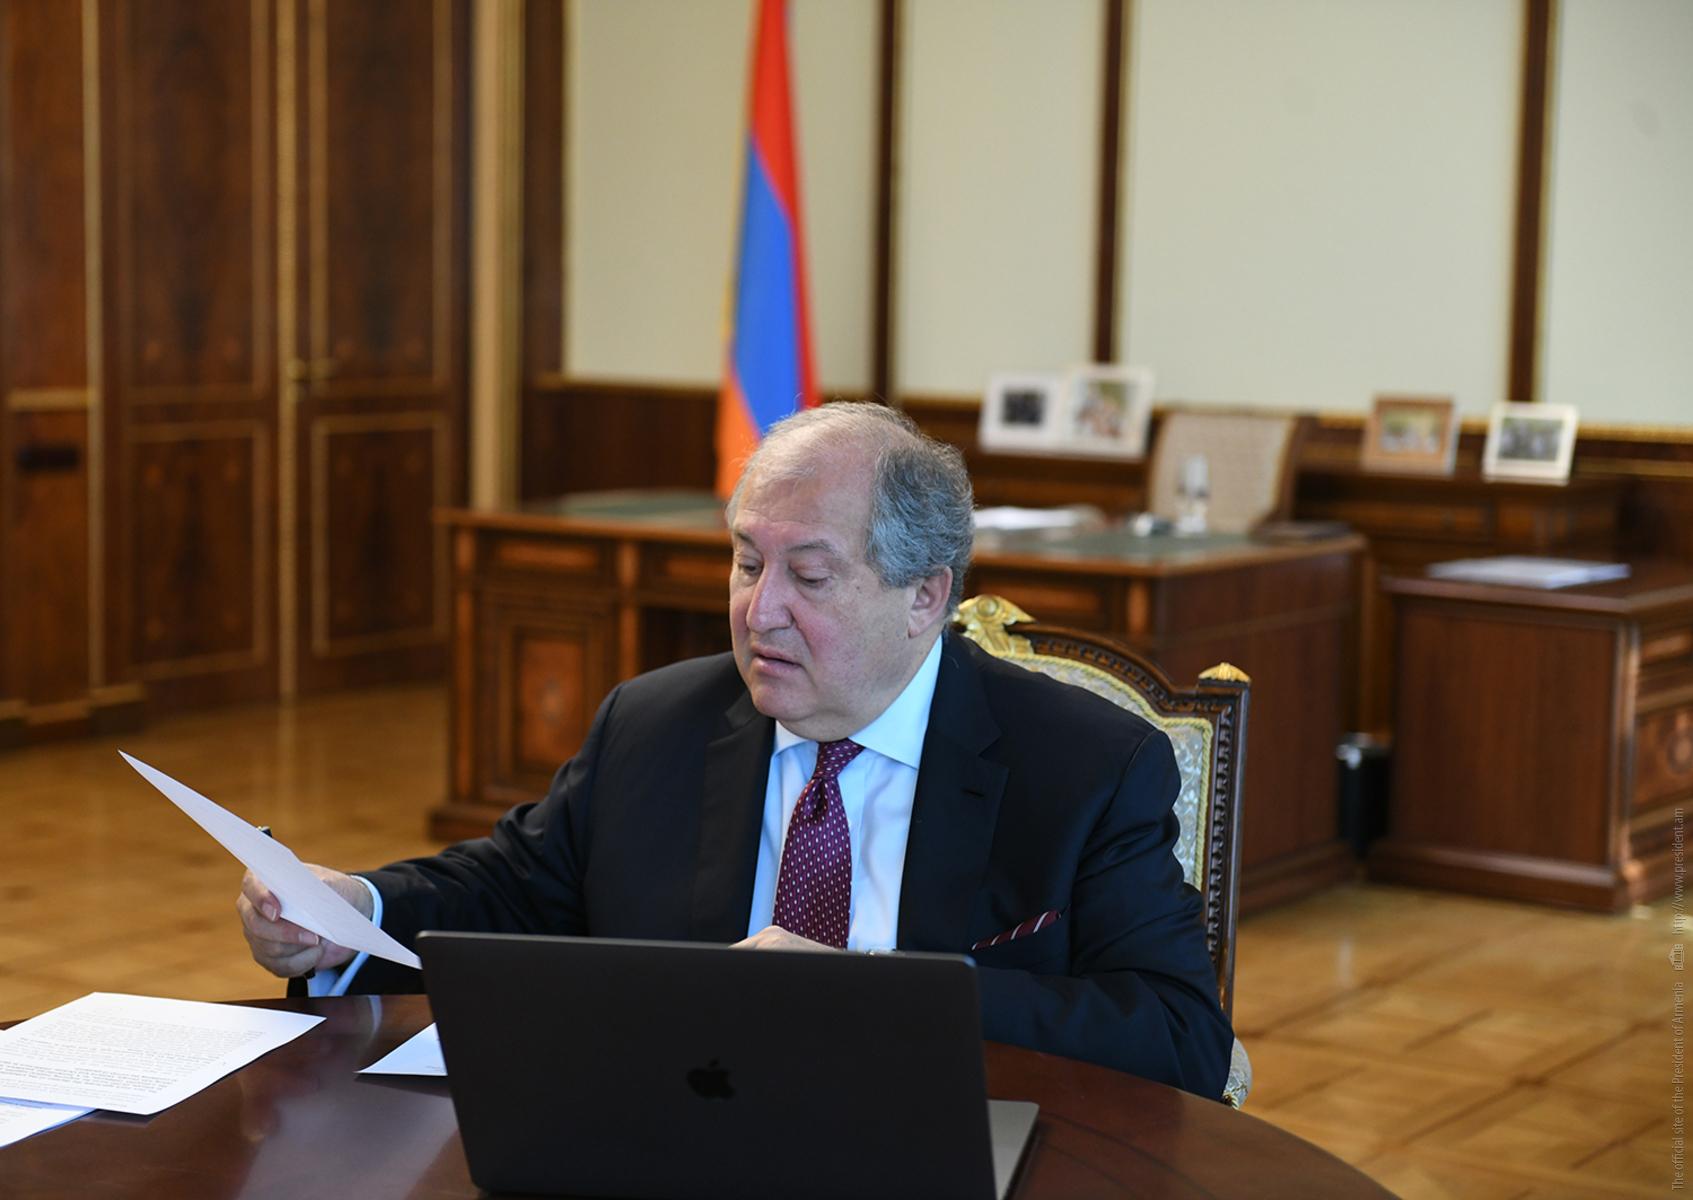 Мы привыкли преодолевать трудности, и сегодня должны это делать вместе - президент Армении